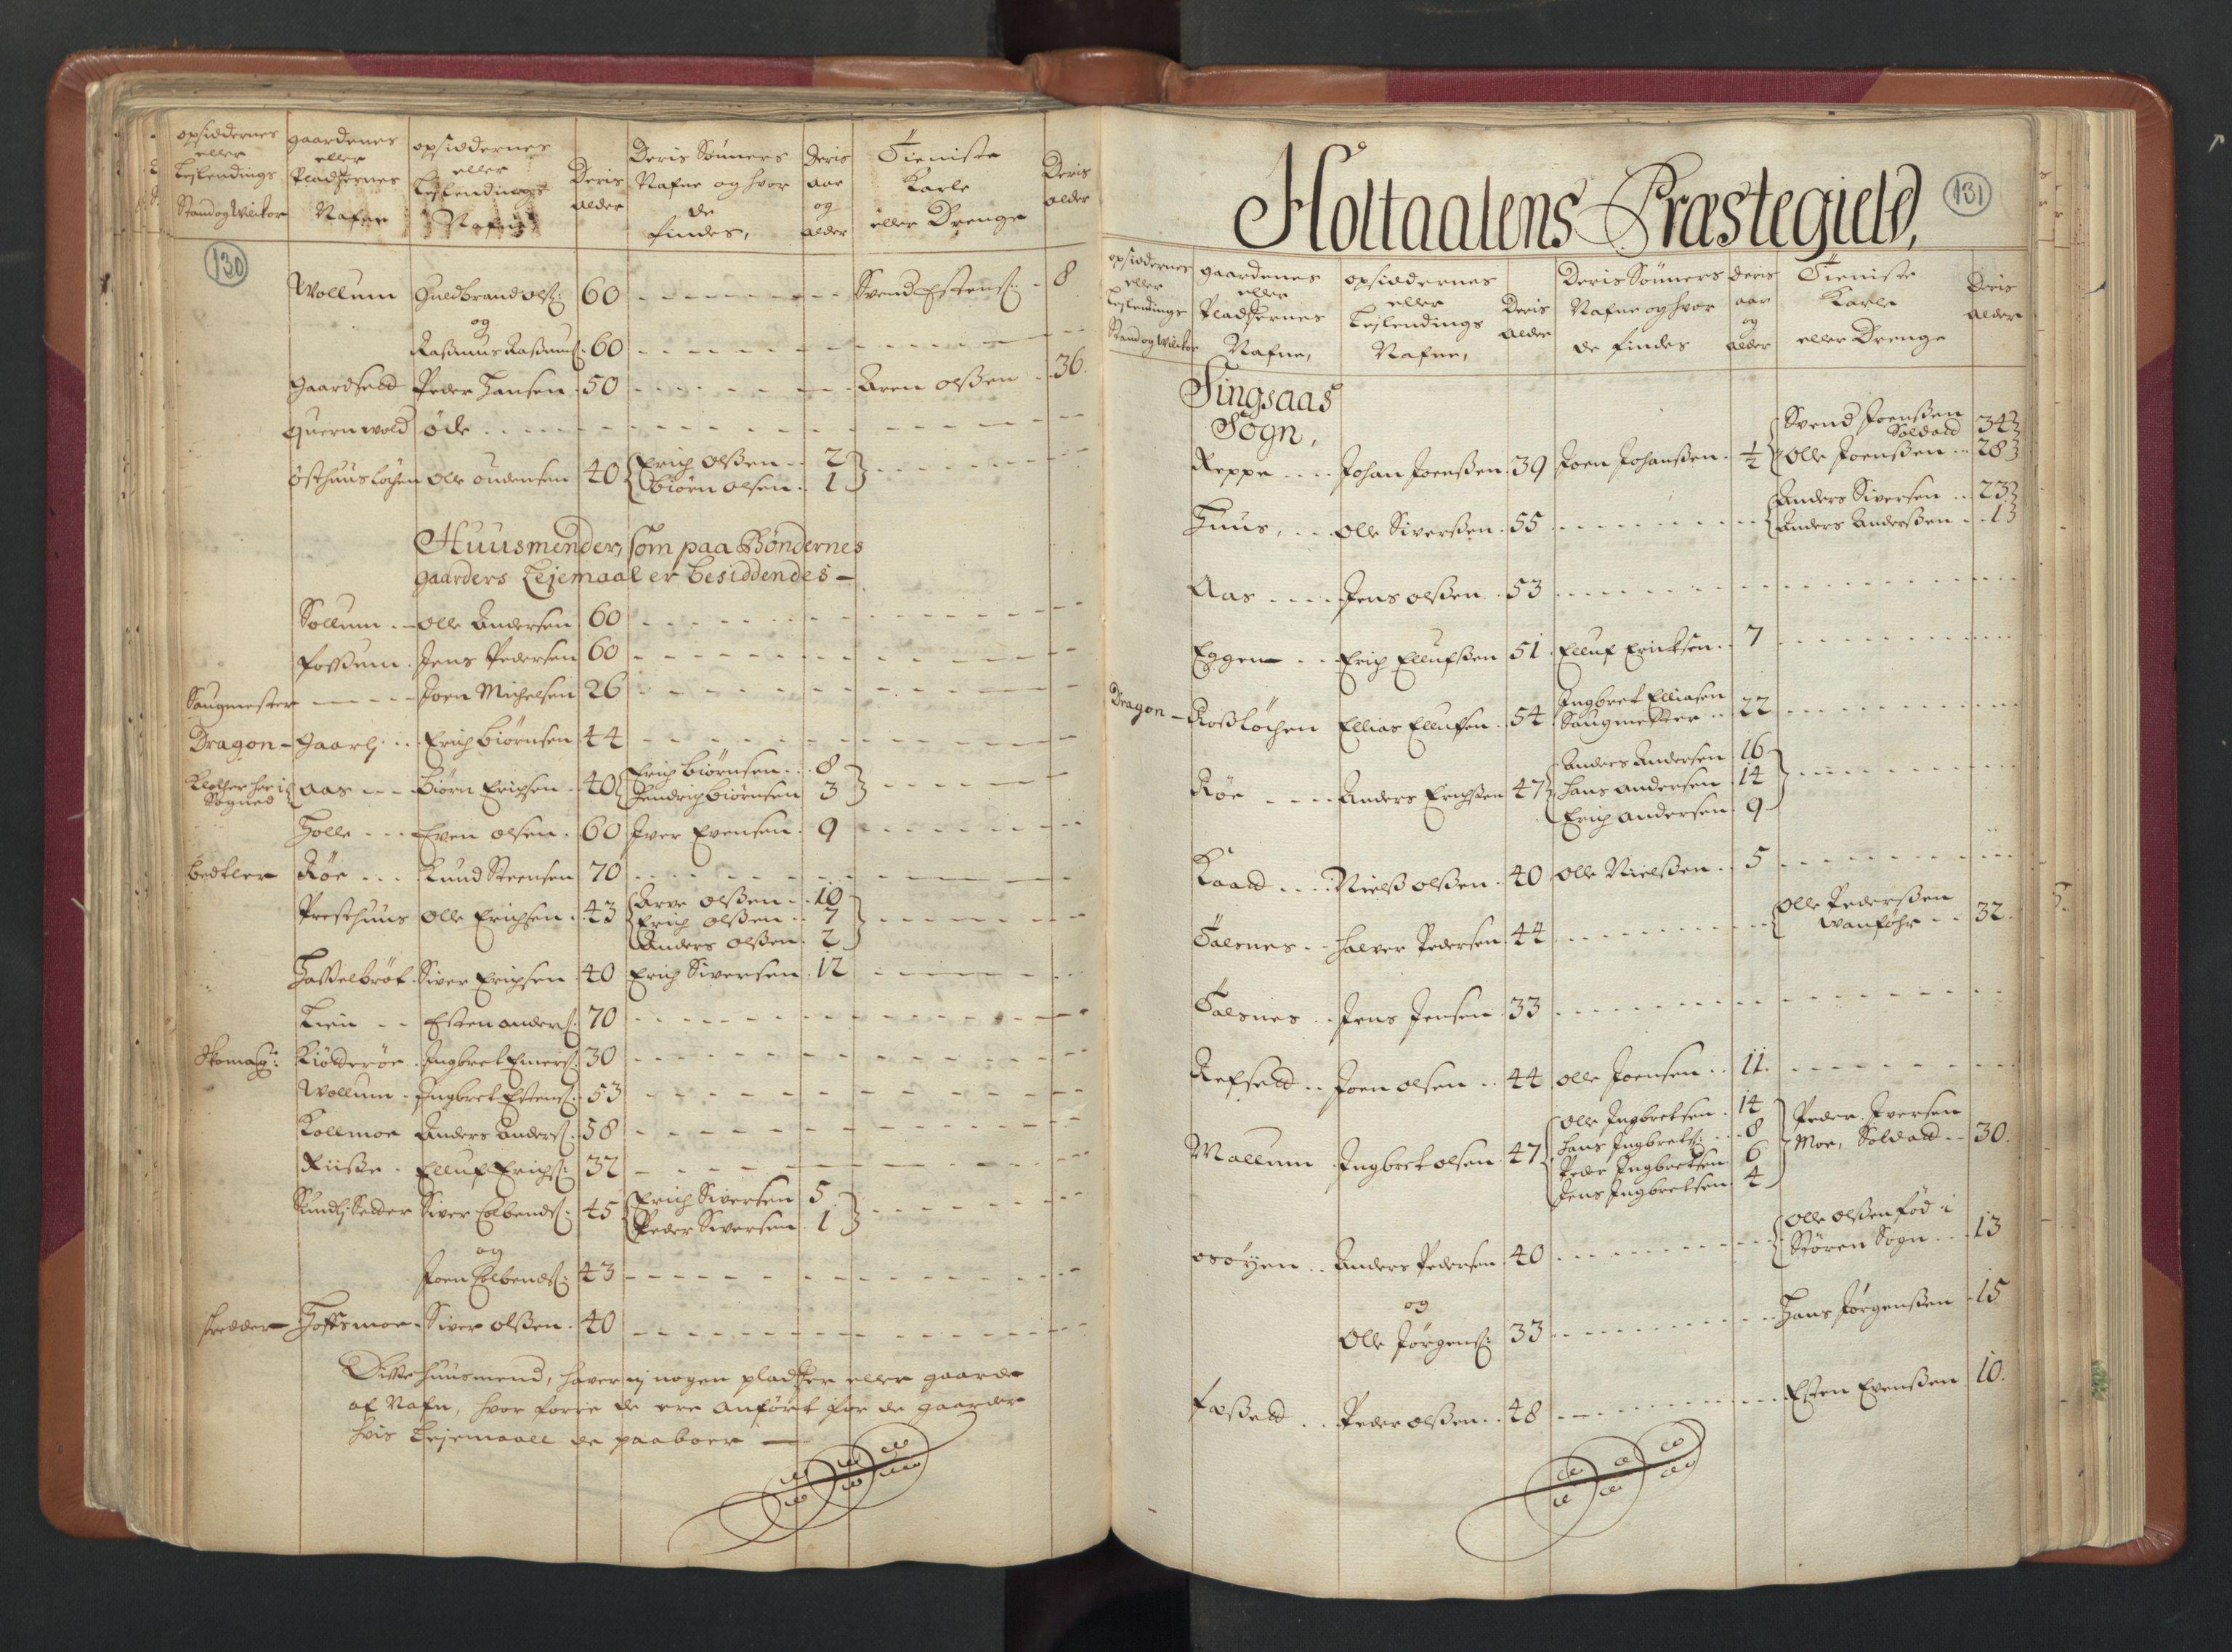 RA, Manntallet 1701, nr. 13: Orkdal fogderi og Gauldal fogderi med Røros kobberverk, 1701, s. 130-131